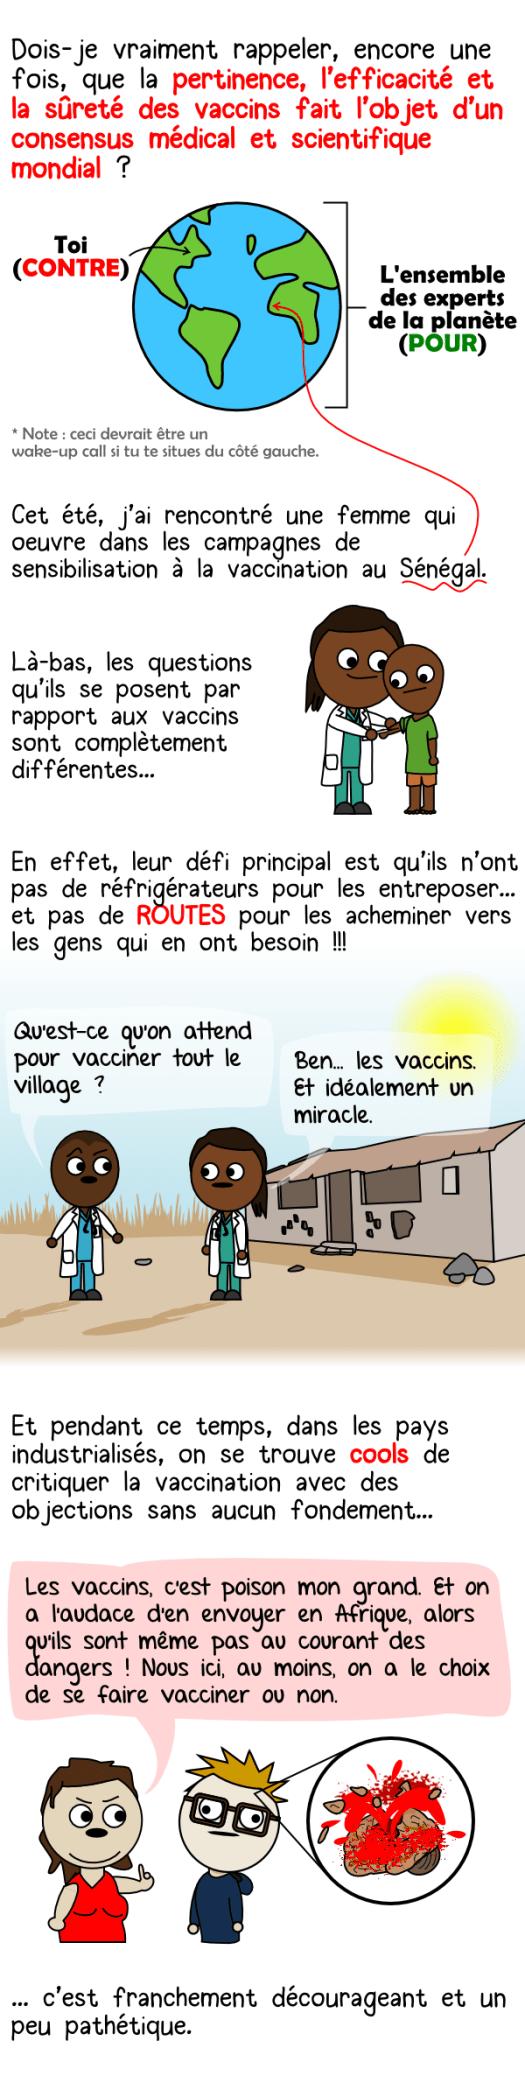 La vaccination au Sénégal et en Afrique